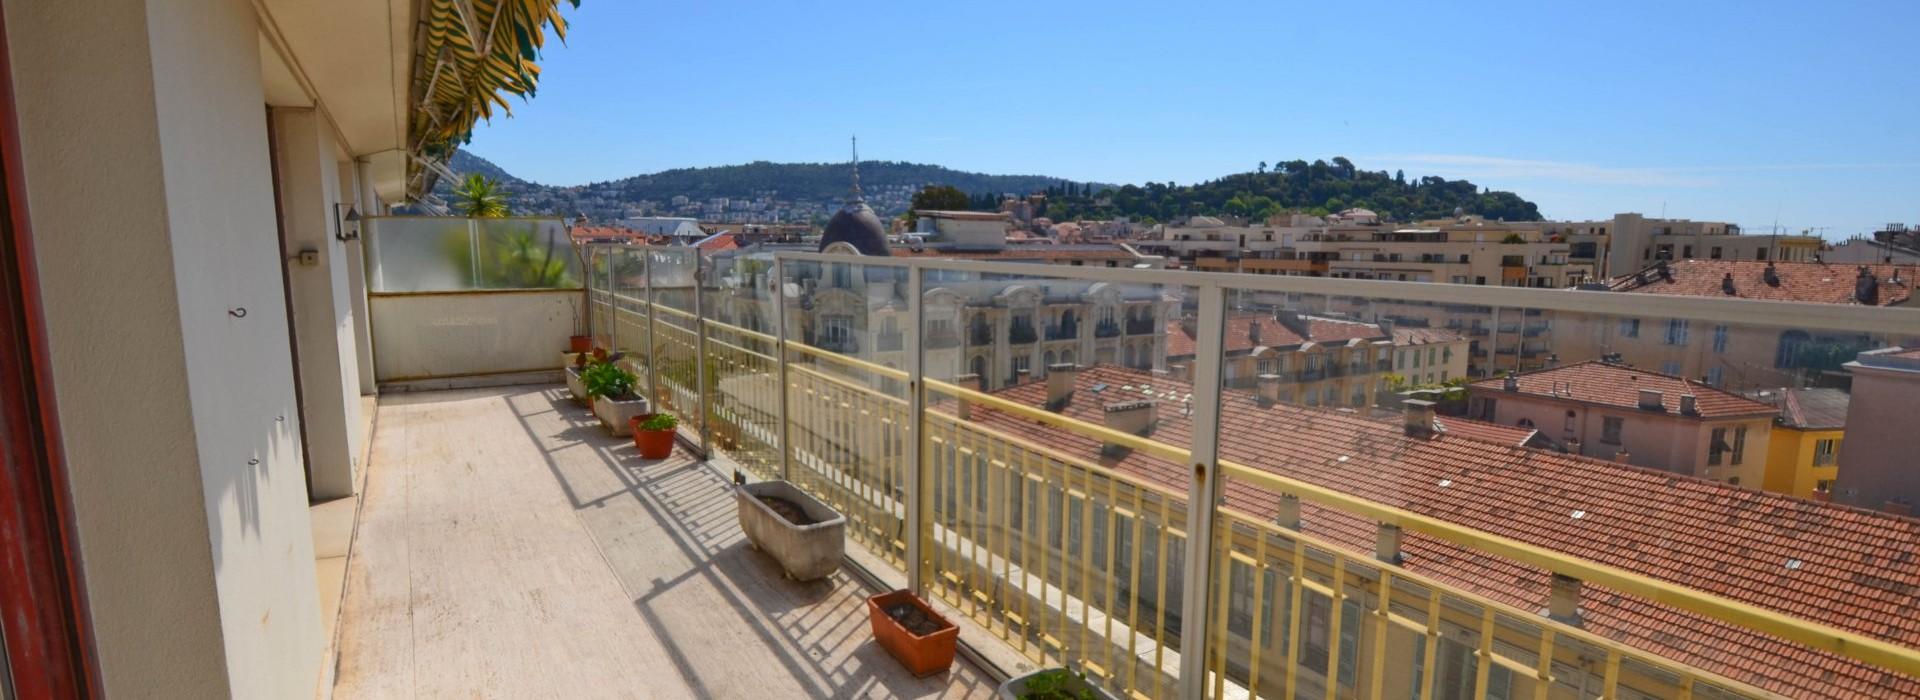 Appartement Nice 4 Pièces 112m2 861,000€